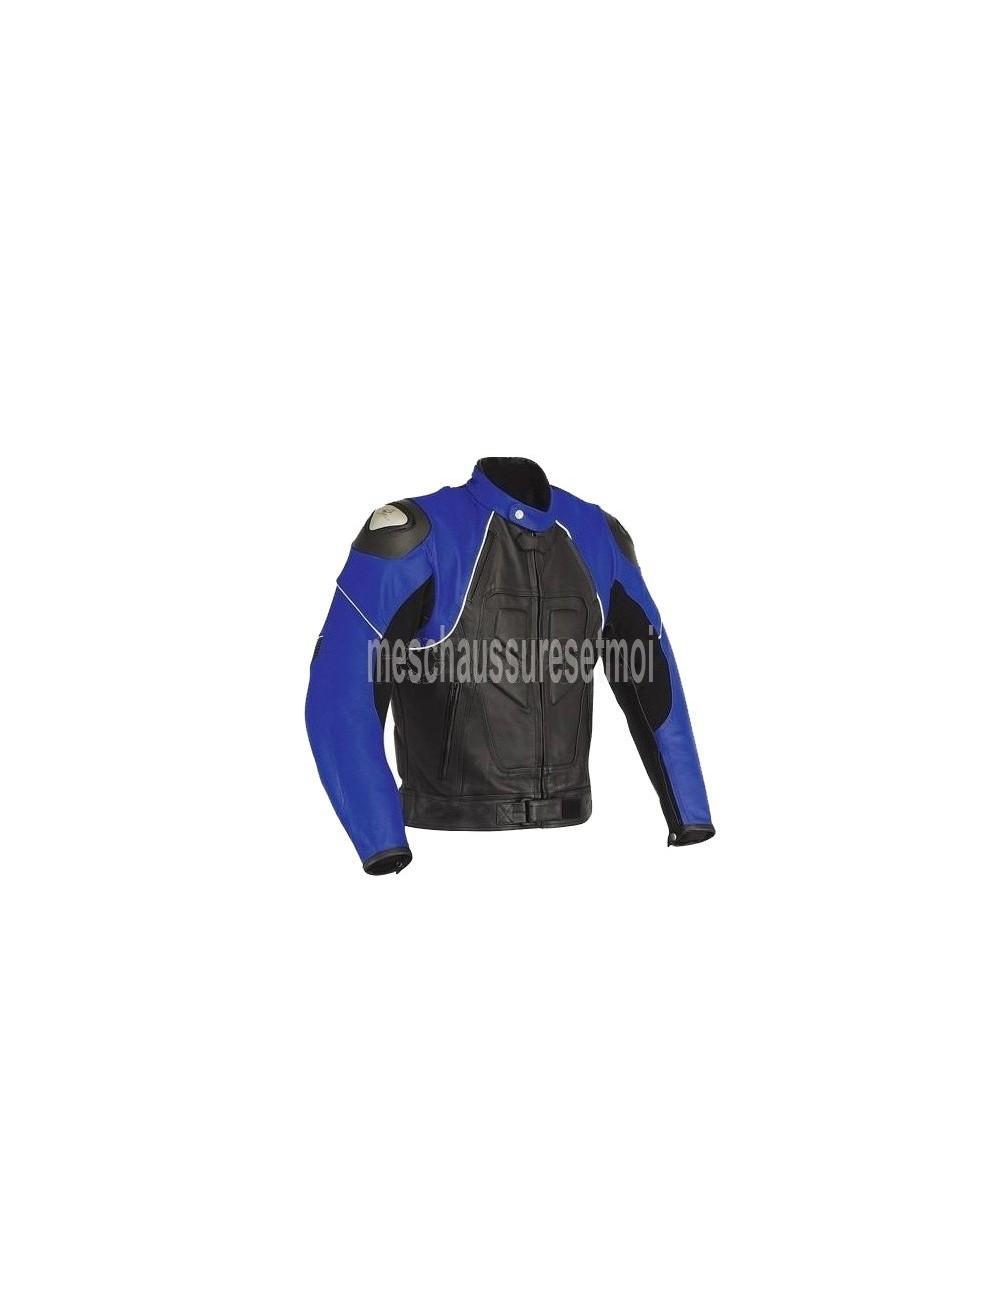 Vêtement moto sur mesure - Blouson moto cuir noir et bleu sur mesure